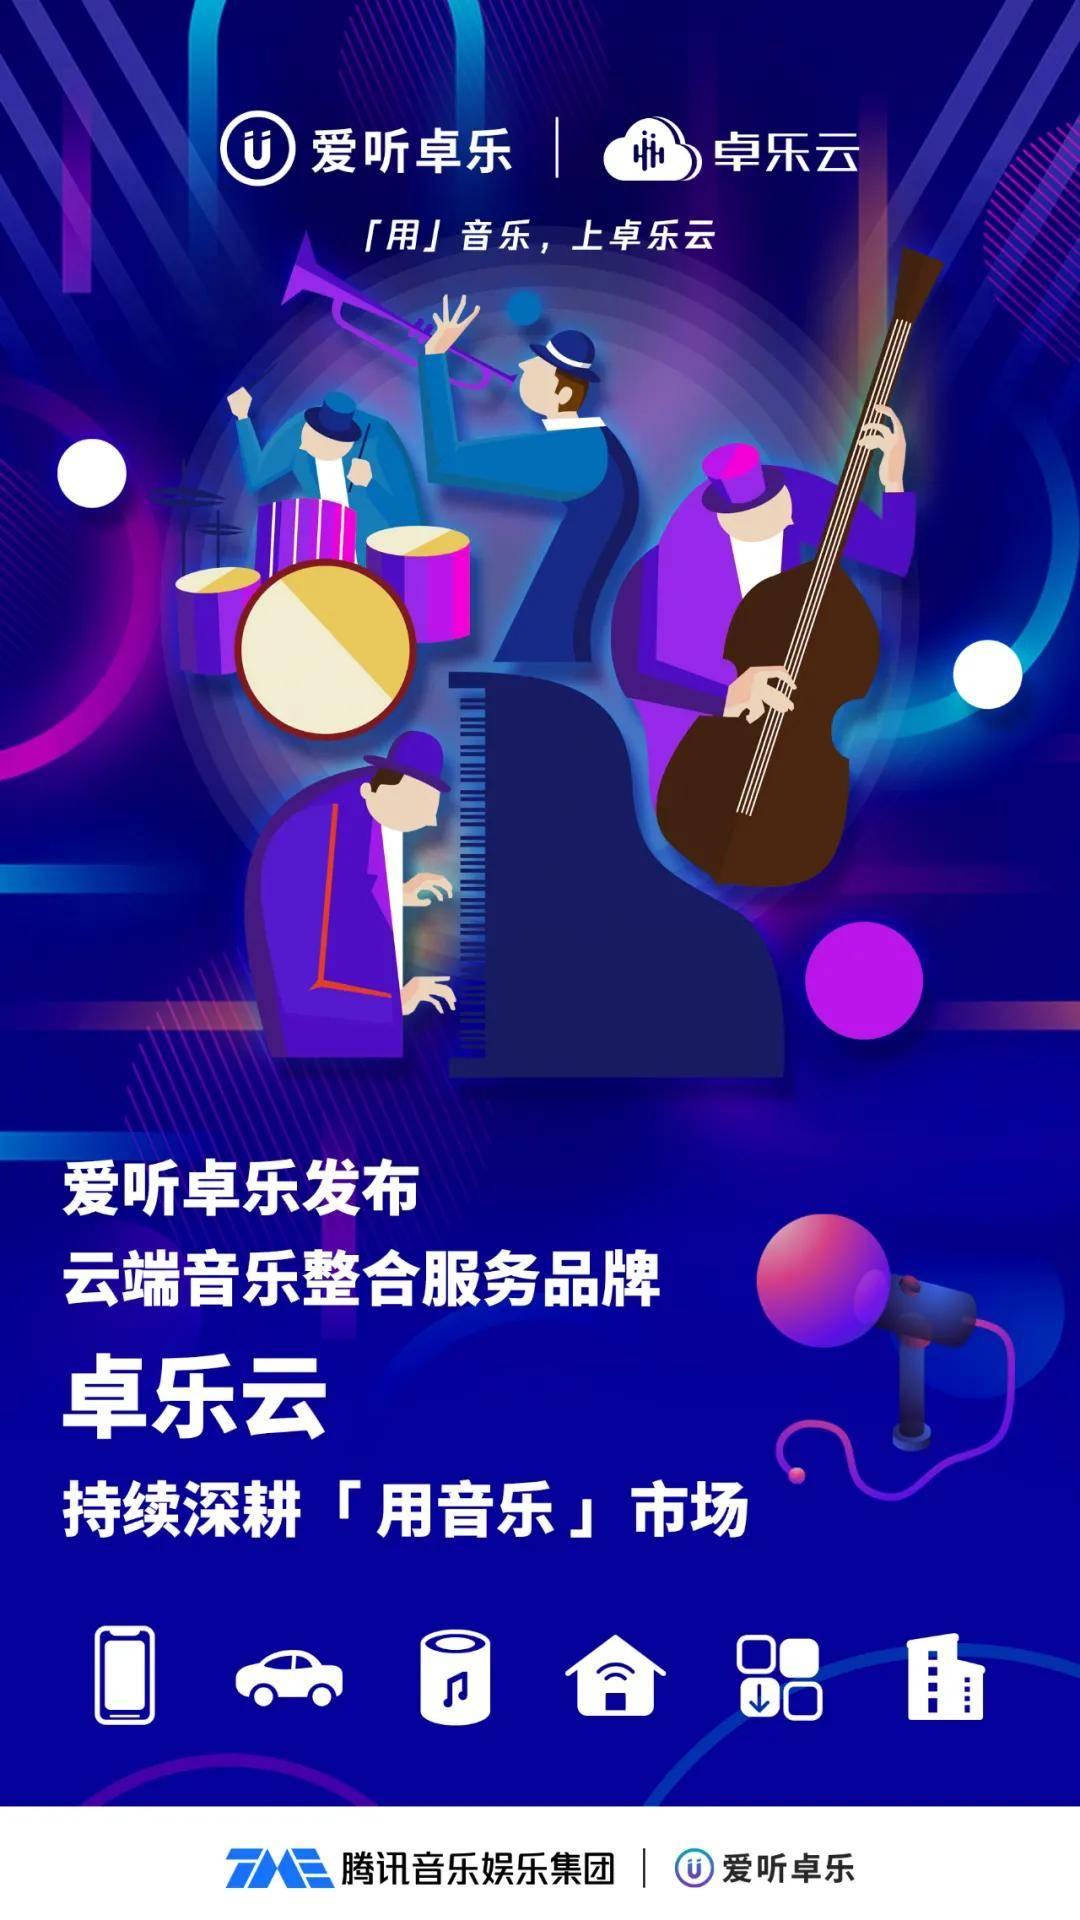 未来音乐战场:从「听音乐」到「用音乐」